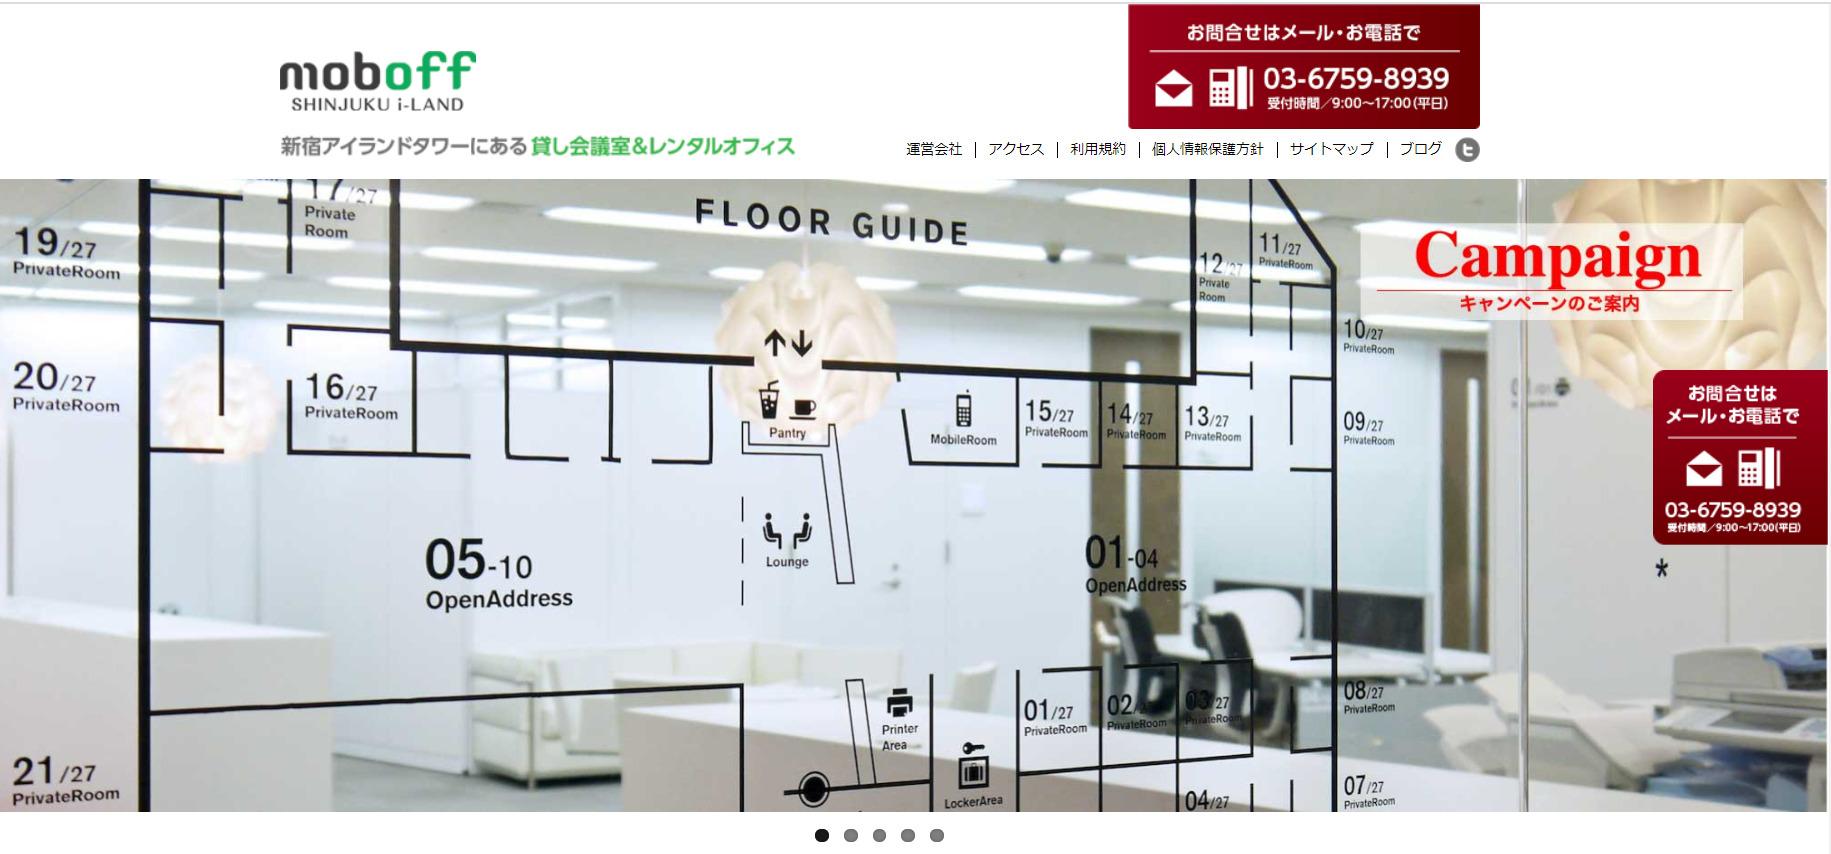 シェアオフィス モバフ新宿アイランド